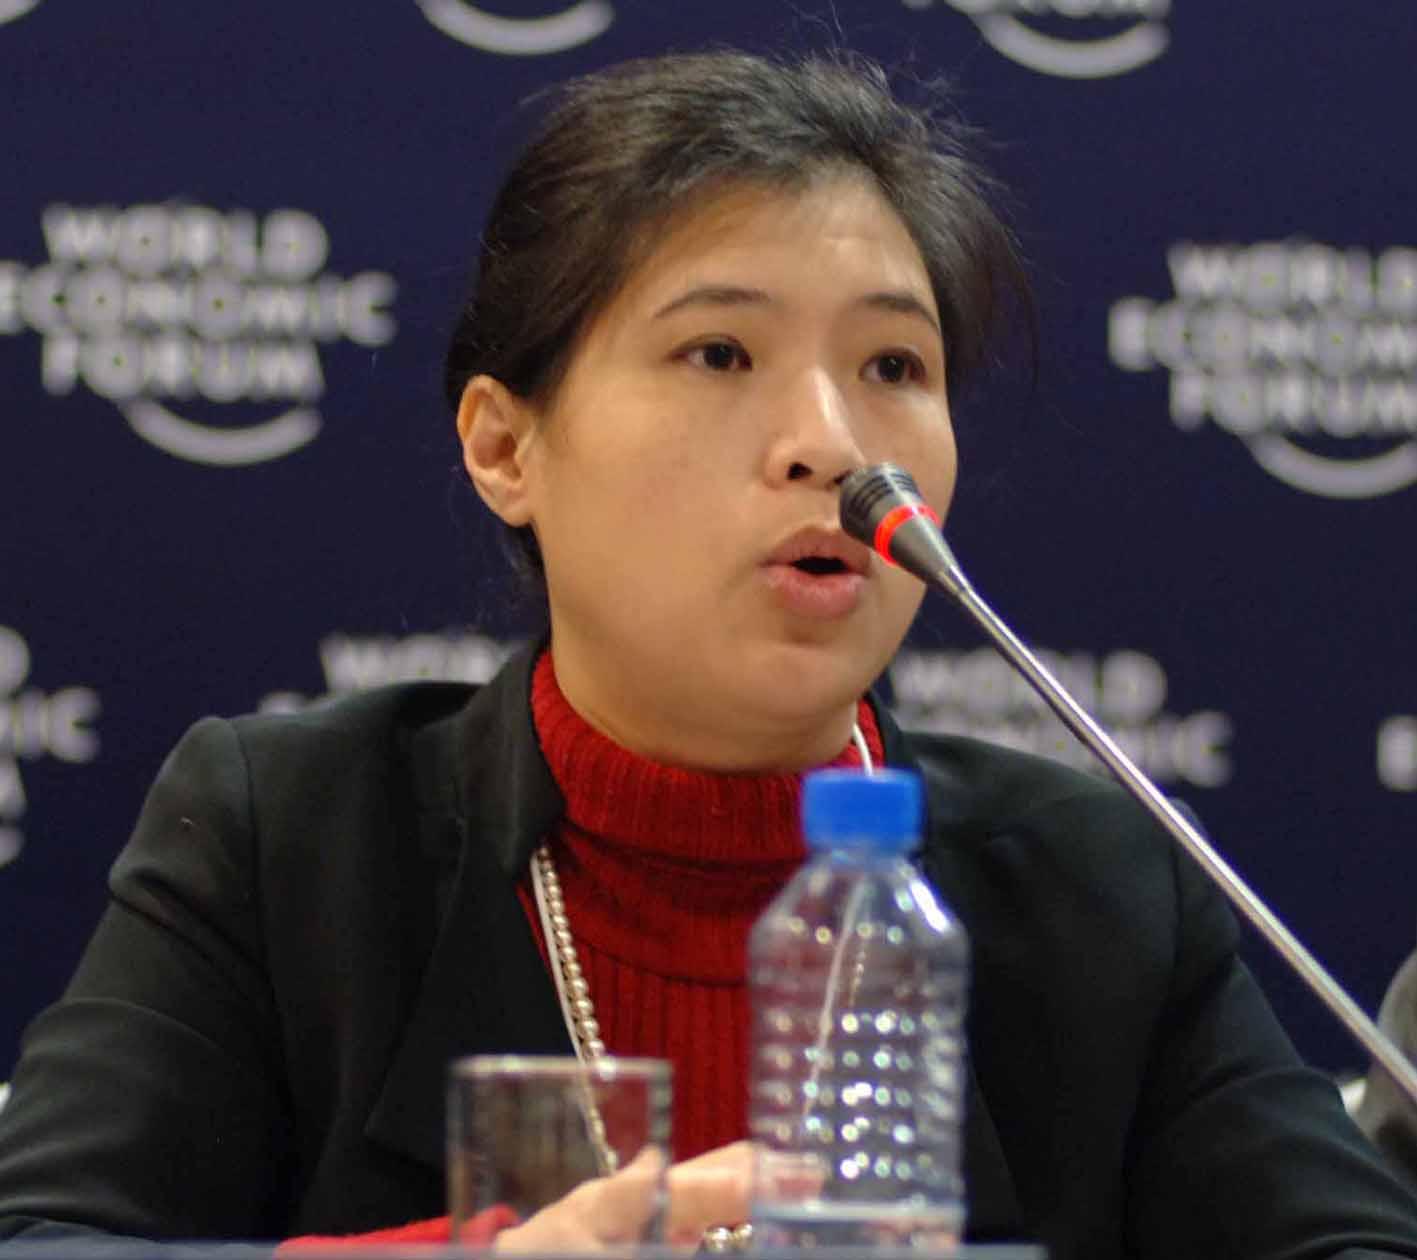 Chị Nguyễn Thị Kim Thanh, sáng lập viên của Viện Hàn lâm Trẻ Việt Nam. Ảnh: http://www.ntk-thanh.co.uk